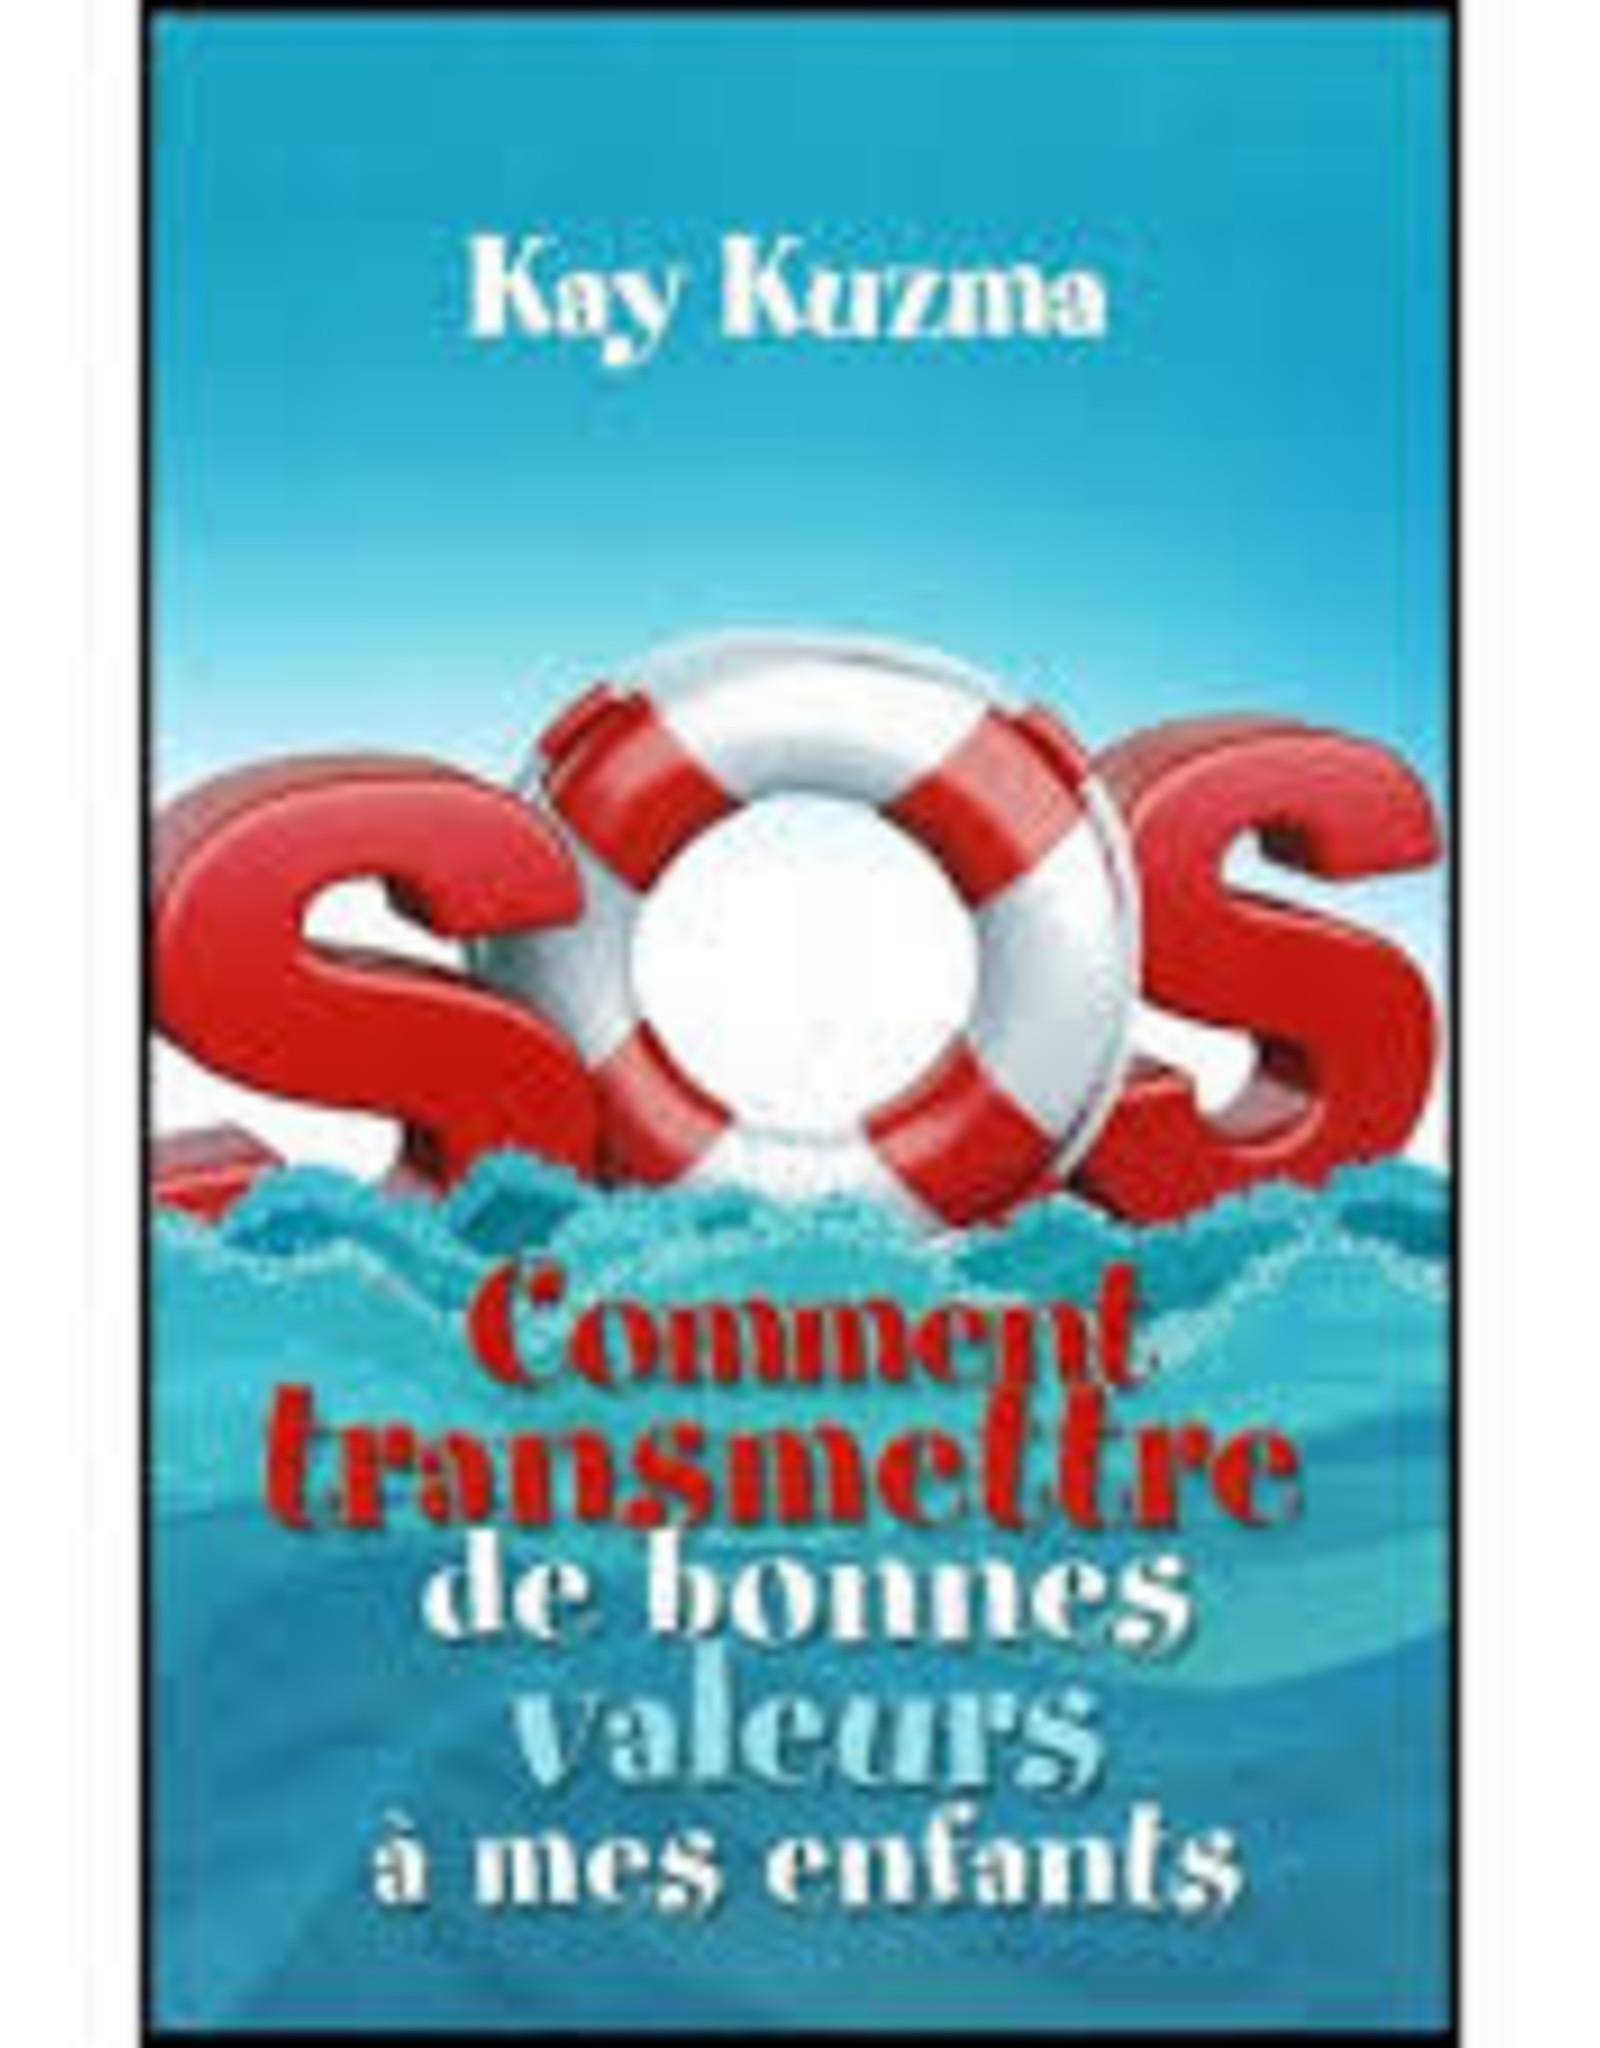 Kay Kuzma Comment transmettre de bonnes valeurs à mes enfants